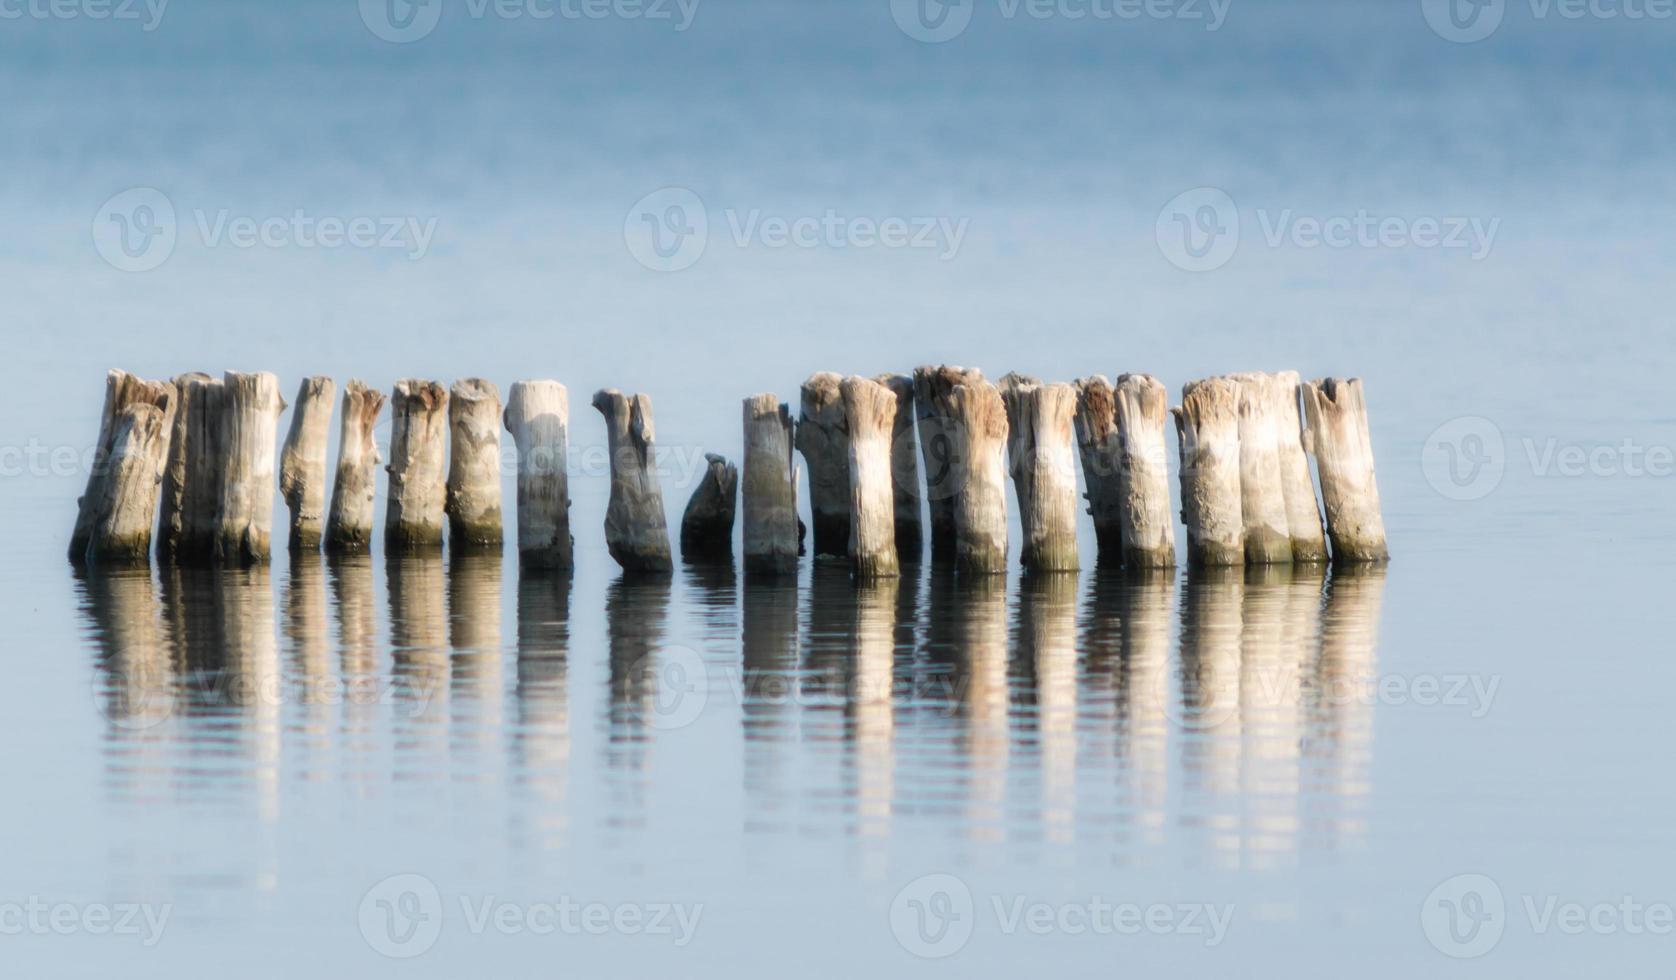 poteaux en bois dans une rangée dans l'eau photo